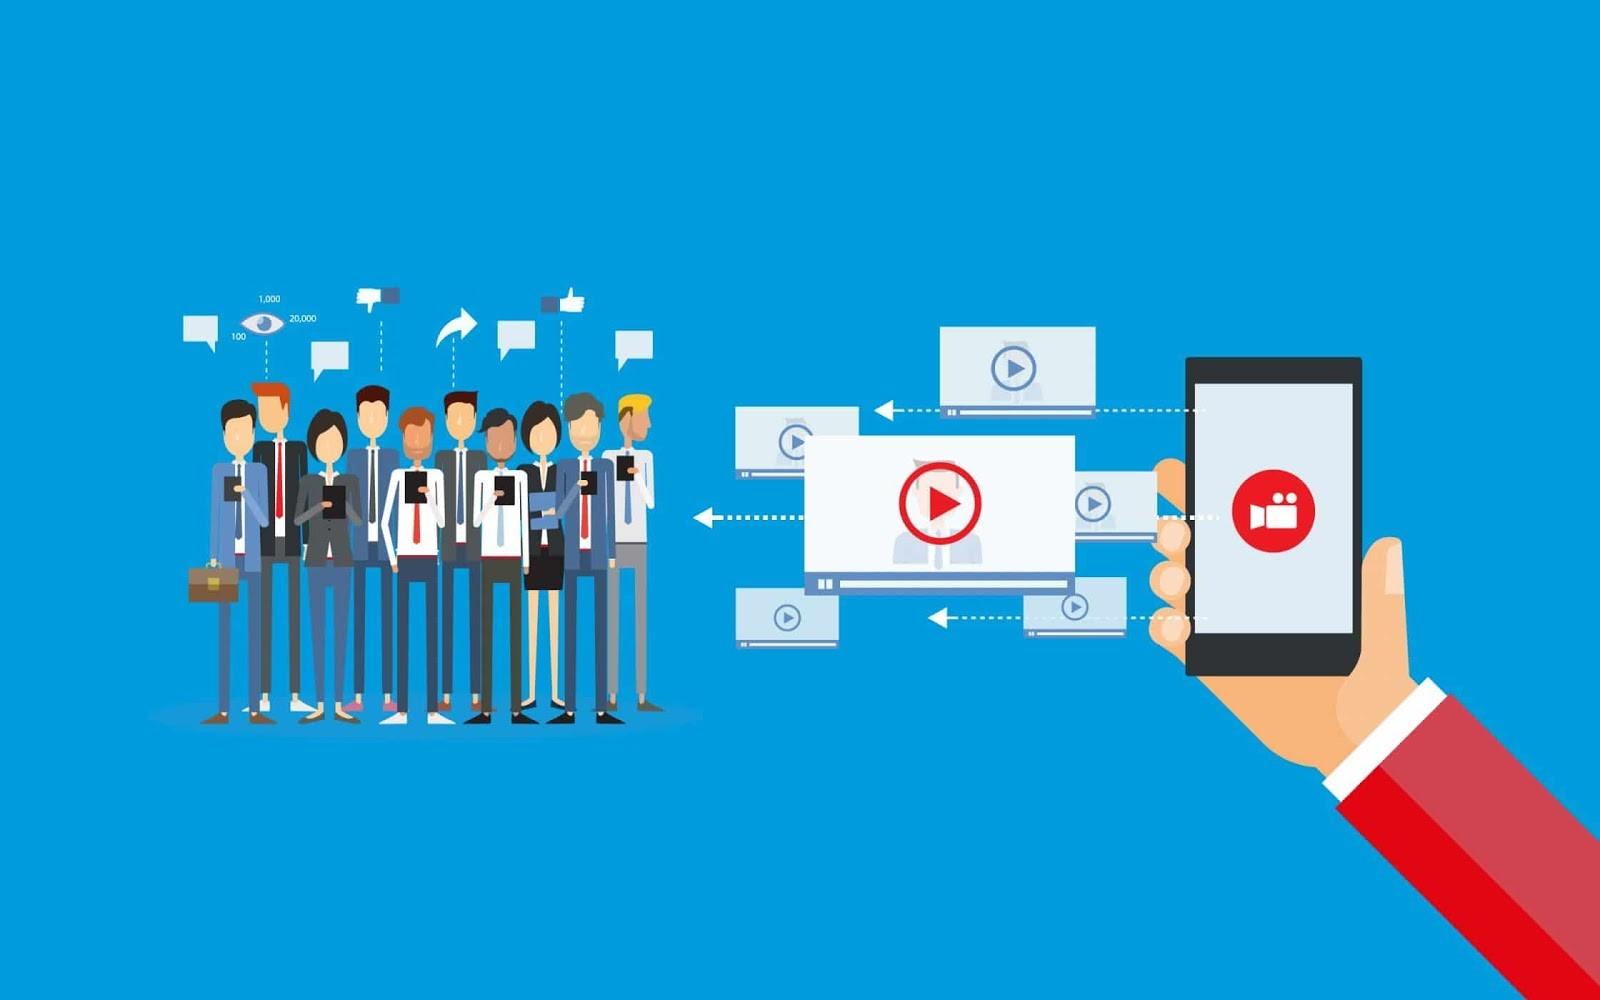 Chiến lược quảng cáo bằng Viral video có thực sự hiệu quả?